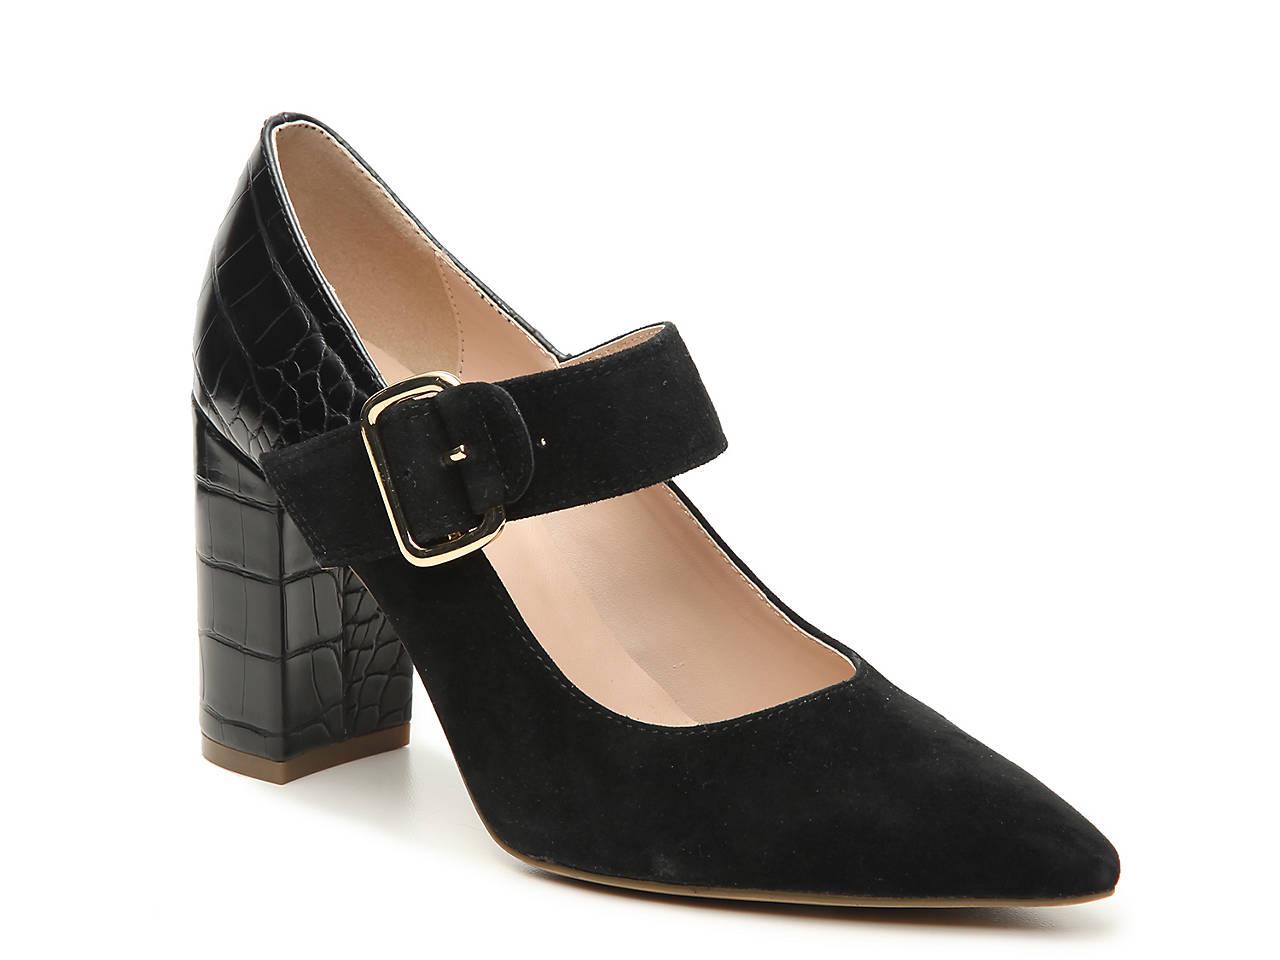 c902c0ffb213 Tommy Hilfiger Venture Pump Women s Shoes